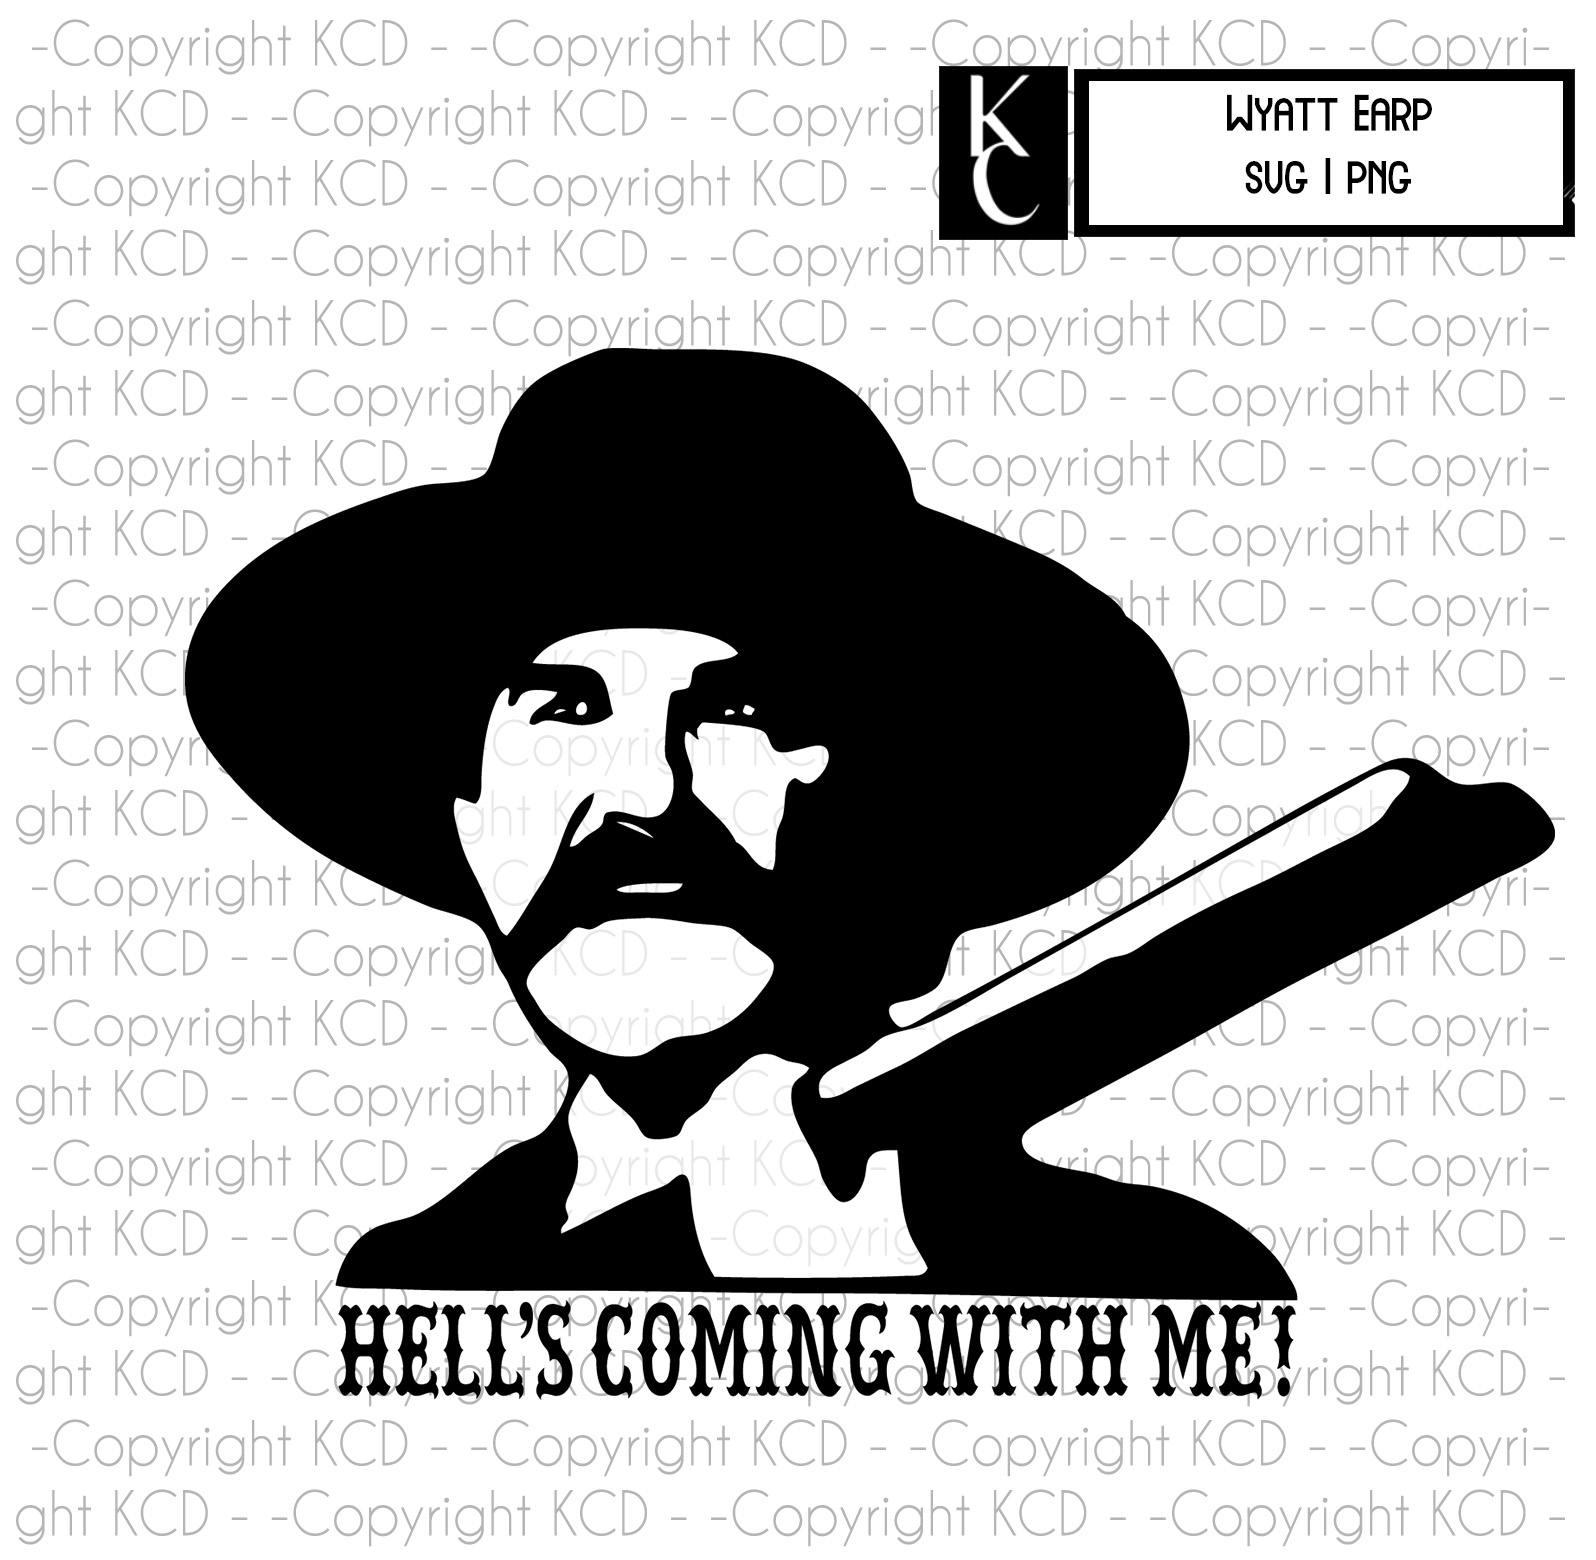 Wyatt Earp Clip Art Svg Png Cricut Layered Cut File